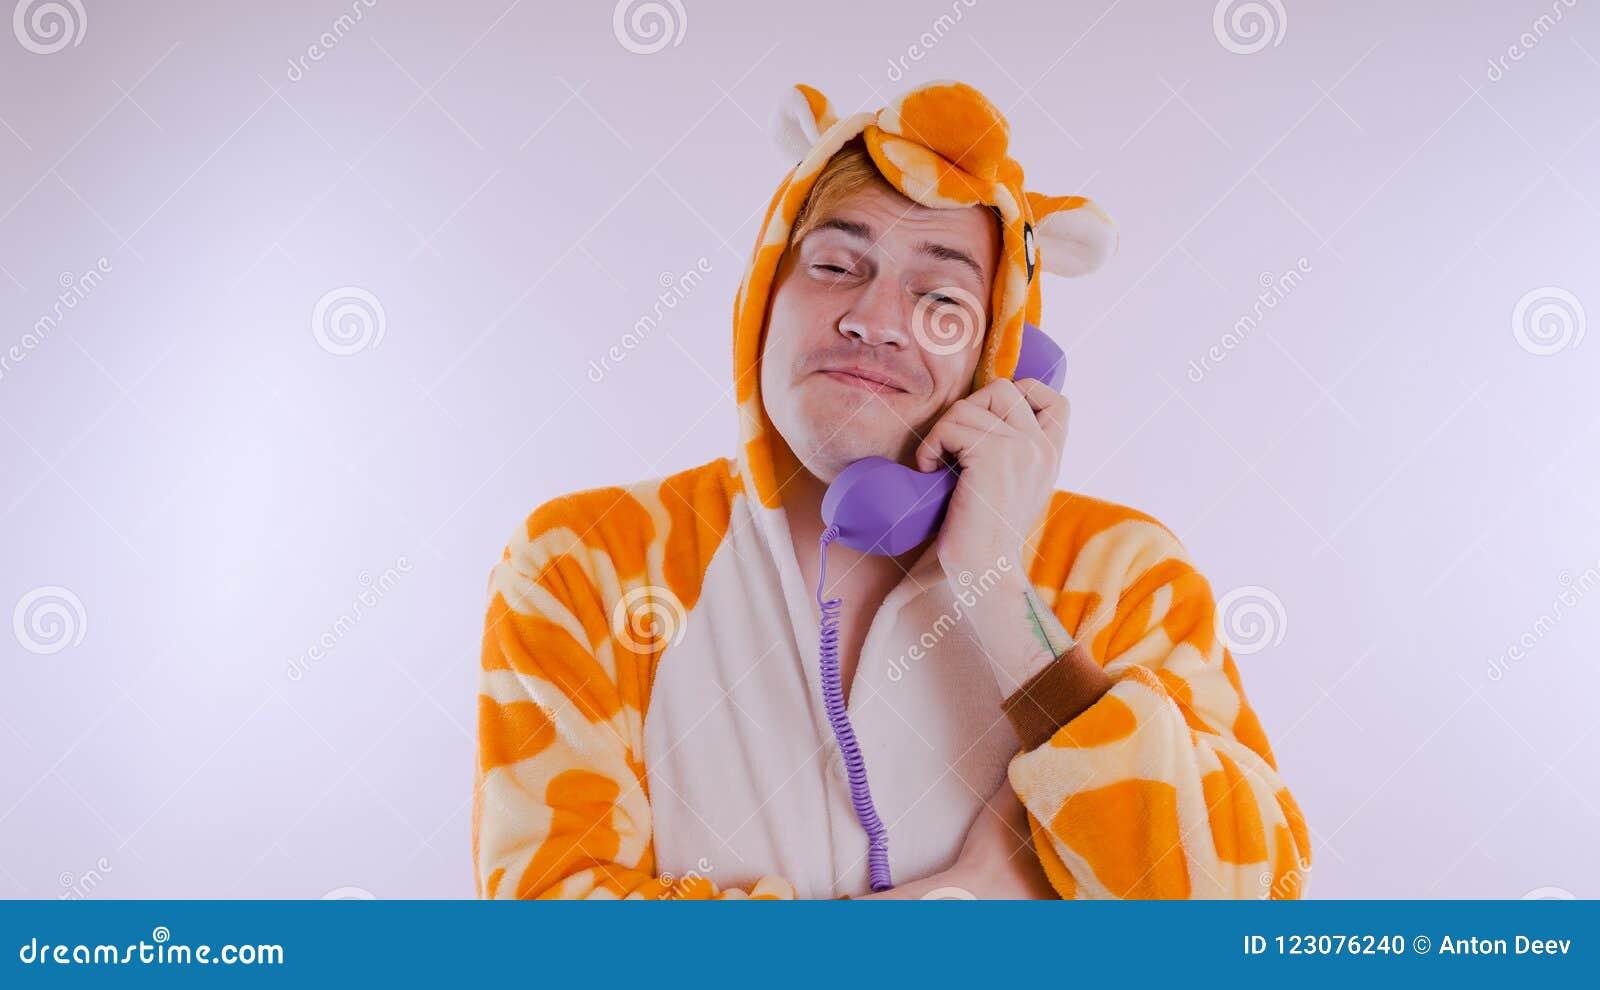 Grabb i ljus pyjamas för barn` ett s i form av en känguru, på vit bakgrund emotionell stående av en student dräkten presen